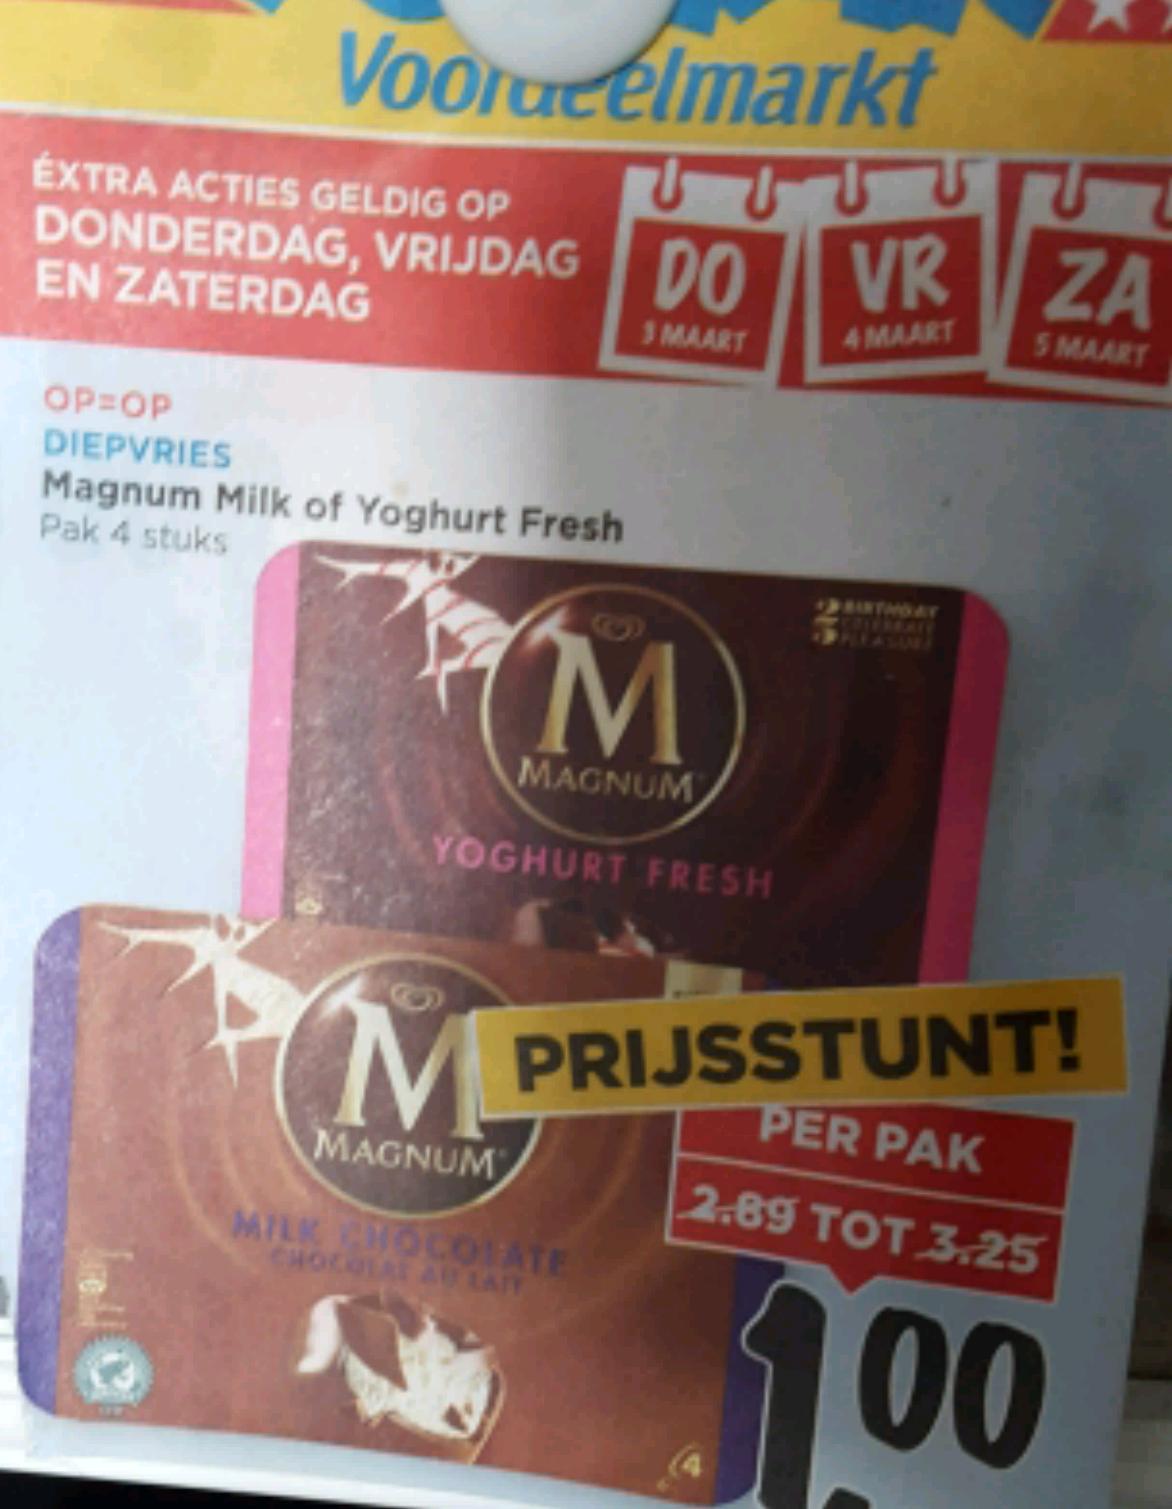 Magnum ijs 1 euro per pak